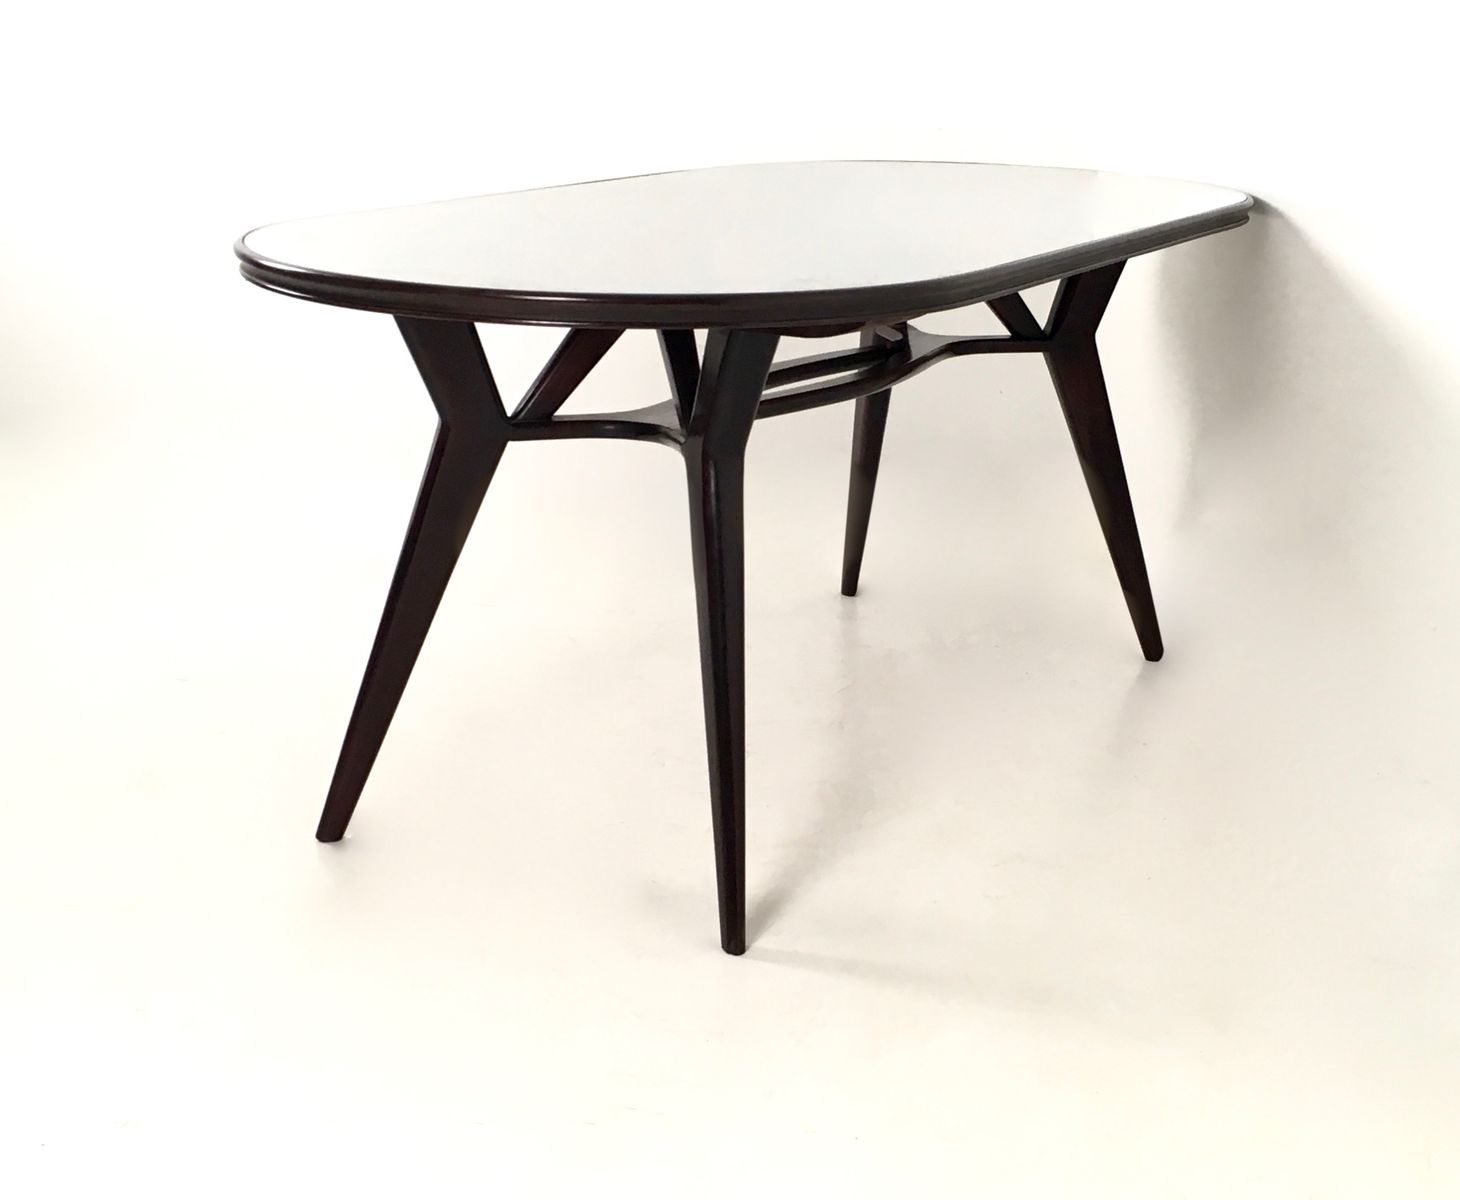 Table de salle a manger moderne en verre for Table de salle a manger et billard